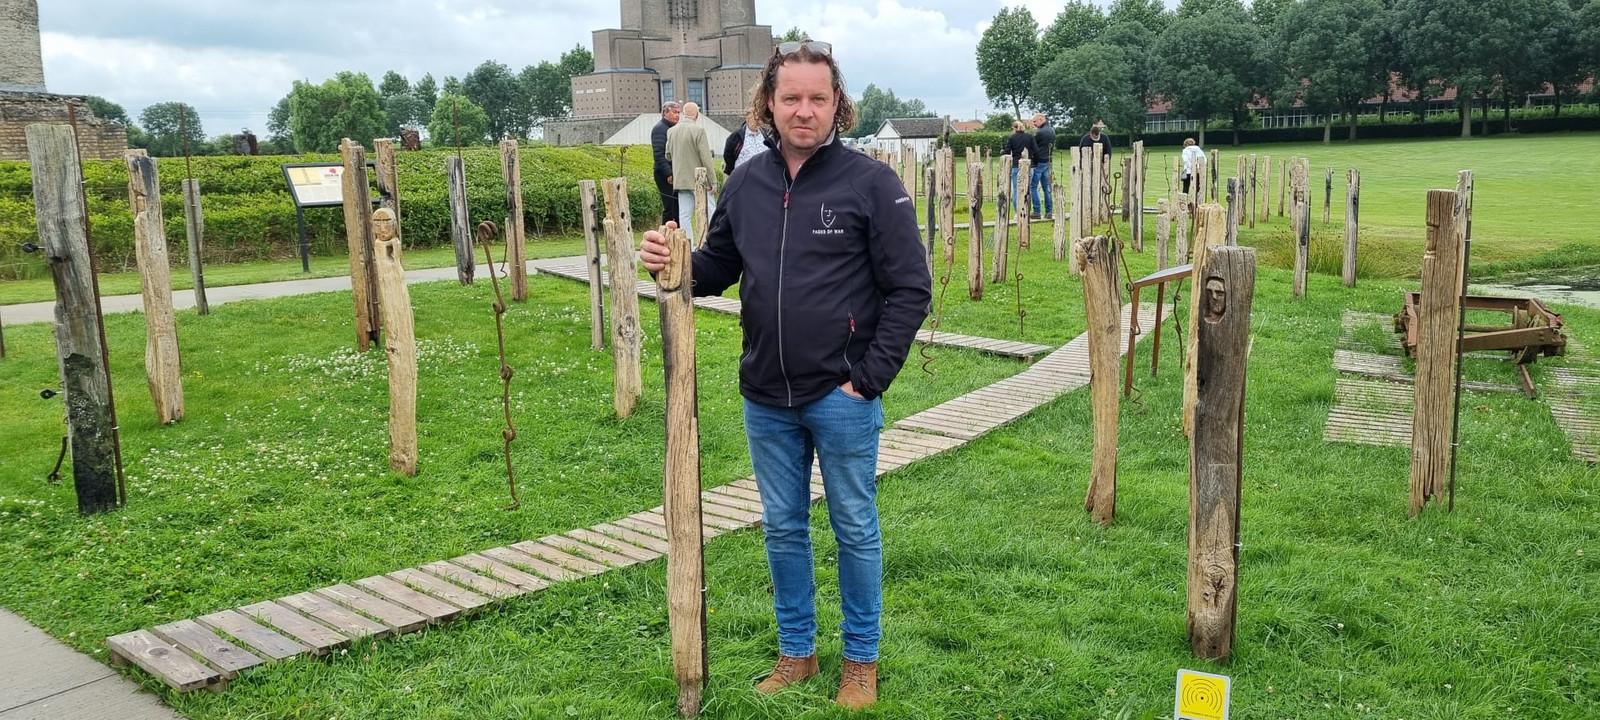 Jan Fieuw is terecht trots dat hij zijn werk mag tentoonstellen in Diksmuide.